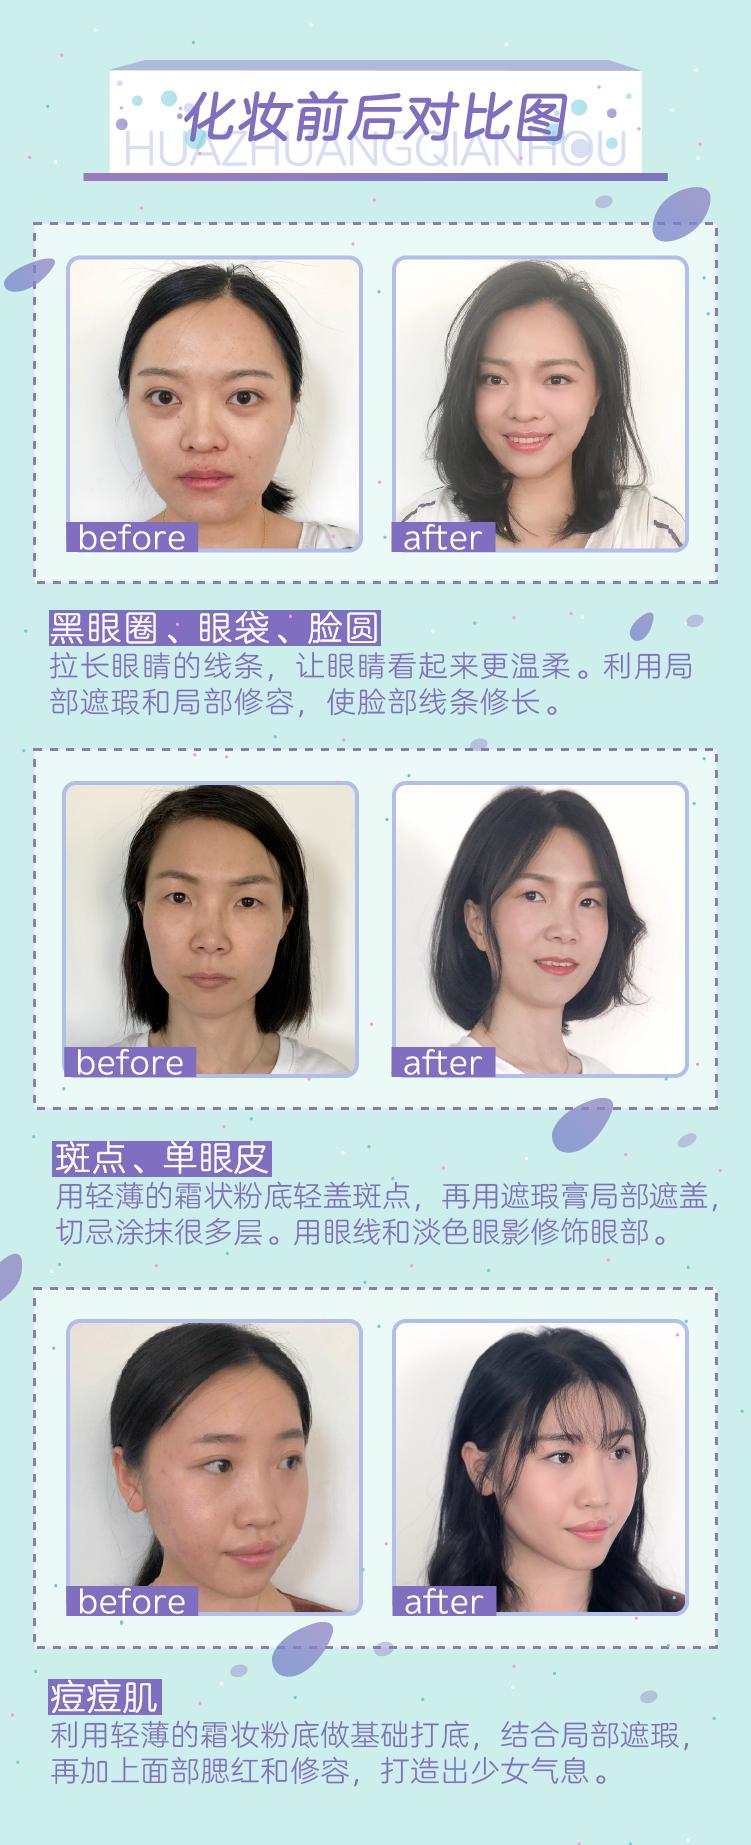 唐子昕极简化妆法详情页设计-07.png